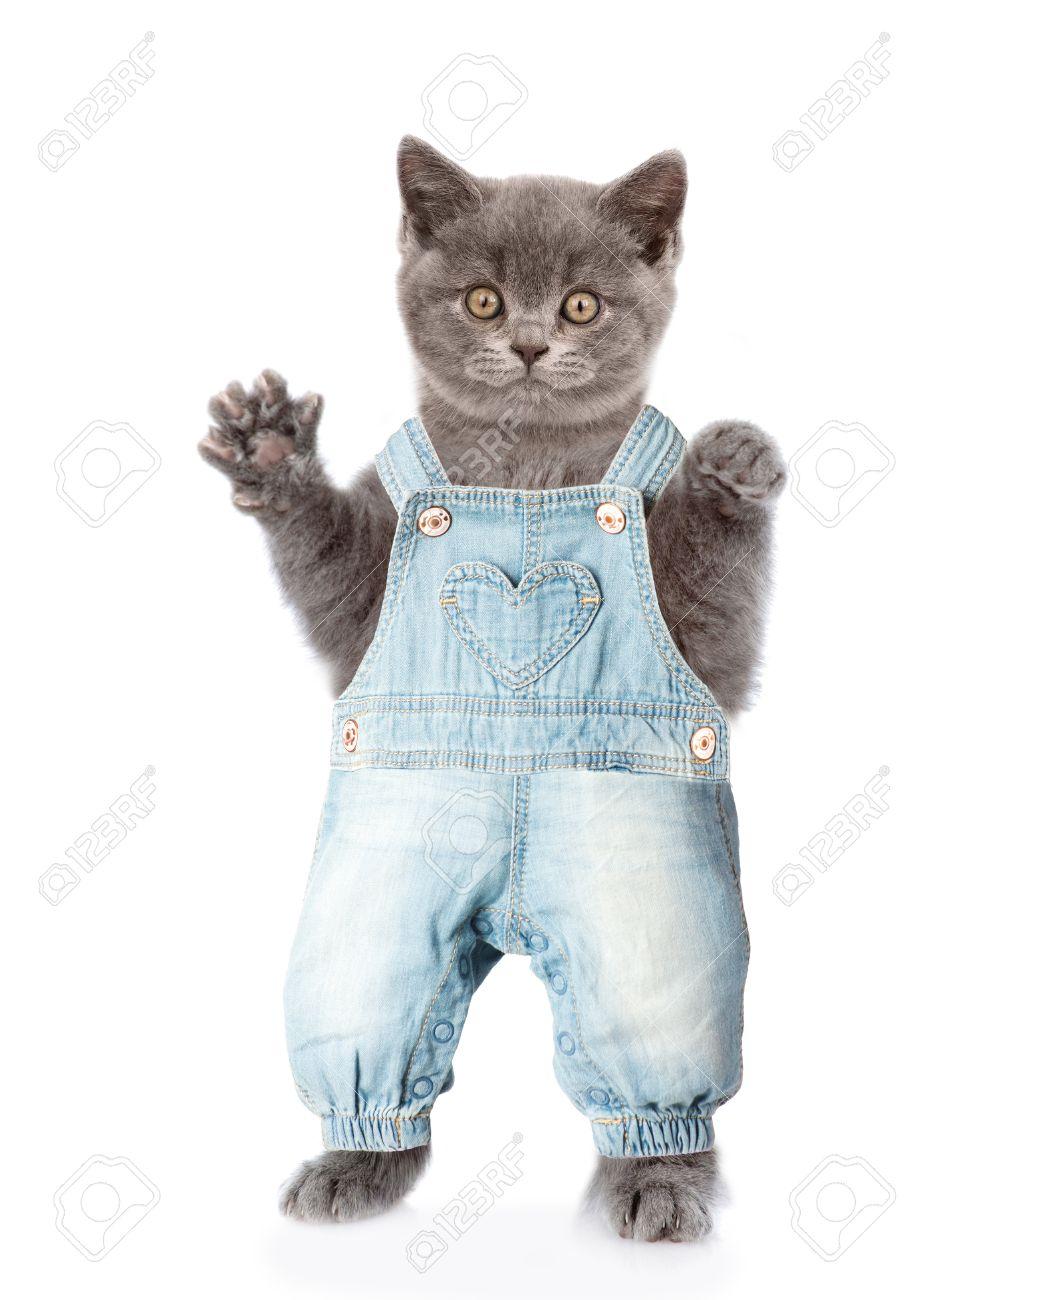 Fat Cat En Jeans Salopettes Isolé Sur Fond Blanc Banque Dimages